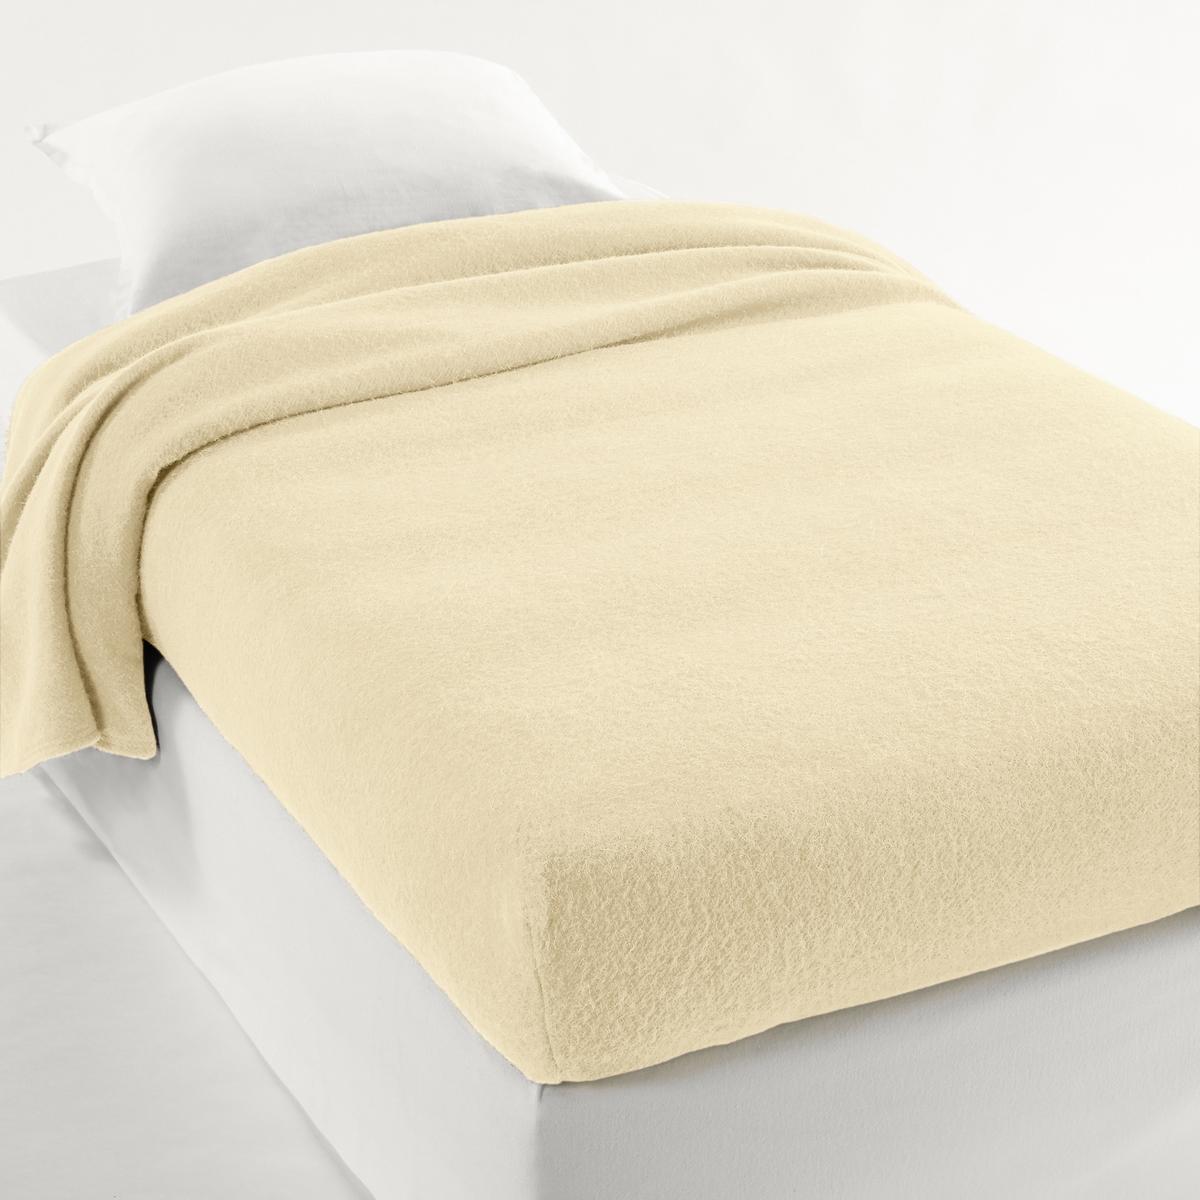 Покрывало, 350 г/м², 100% шерсть Woolmark фабрика прямая кровать mikasa 1 8 м специальный весенний матрас юбка покрывало простыни защиты пакета почты в убыток